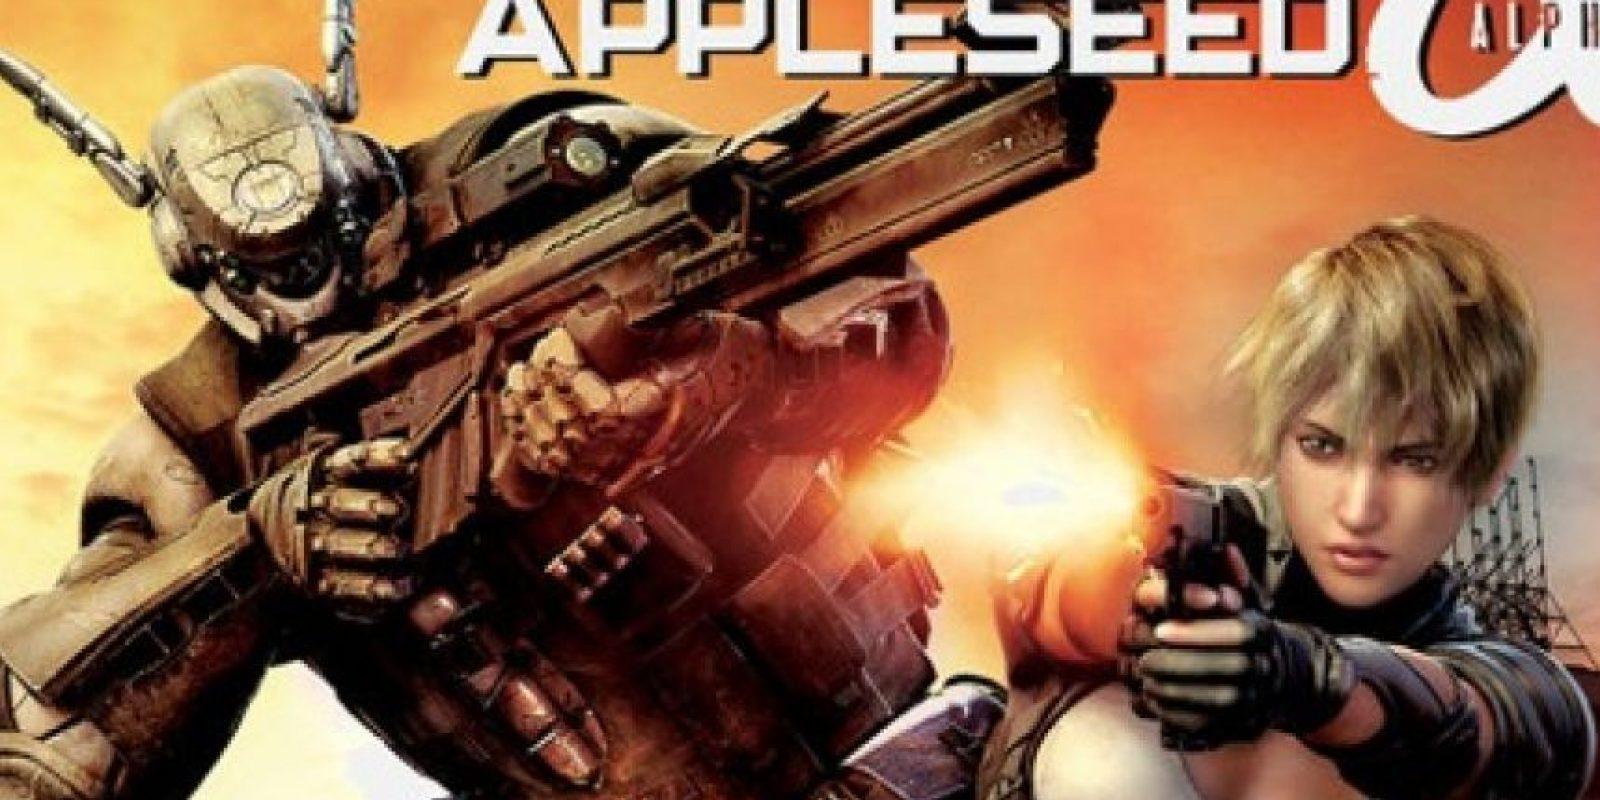 """""""Appleseed Alpha"""" – Disponible a partir del 31 de marzo."""